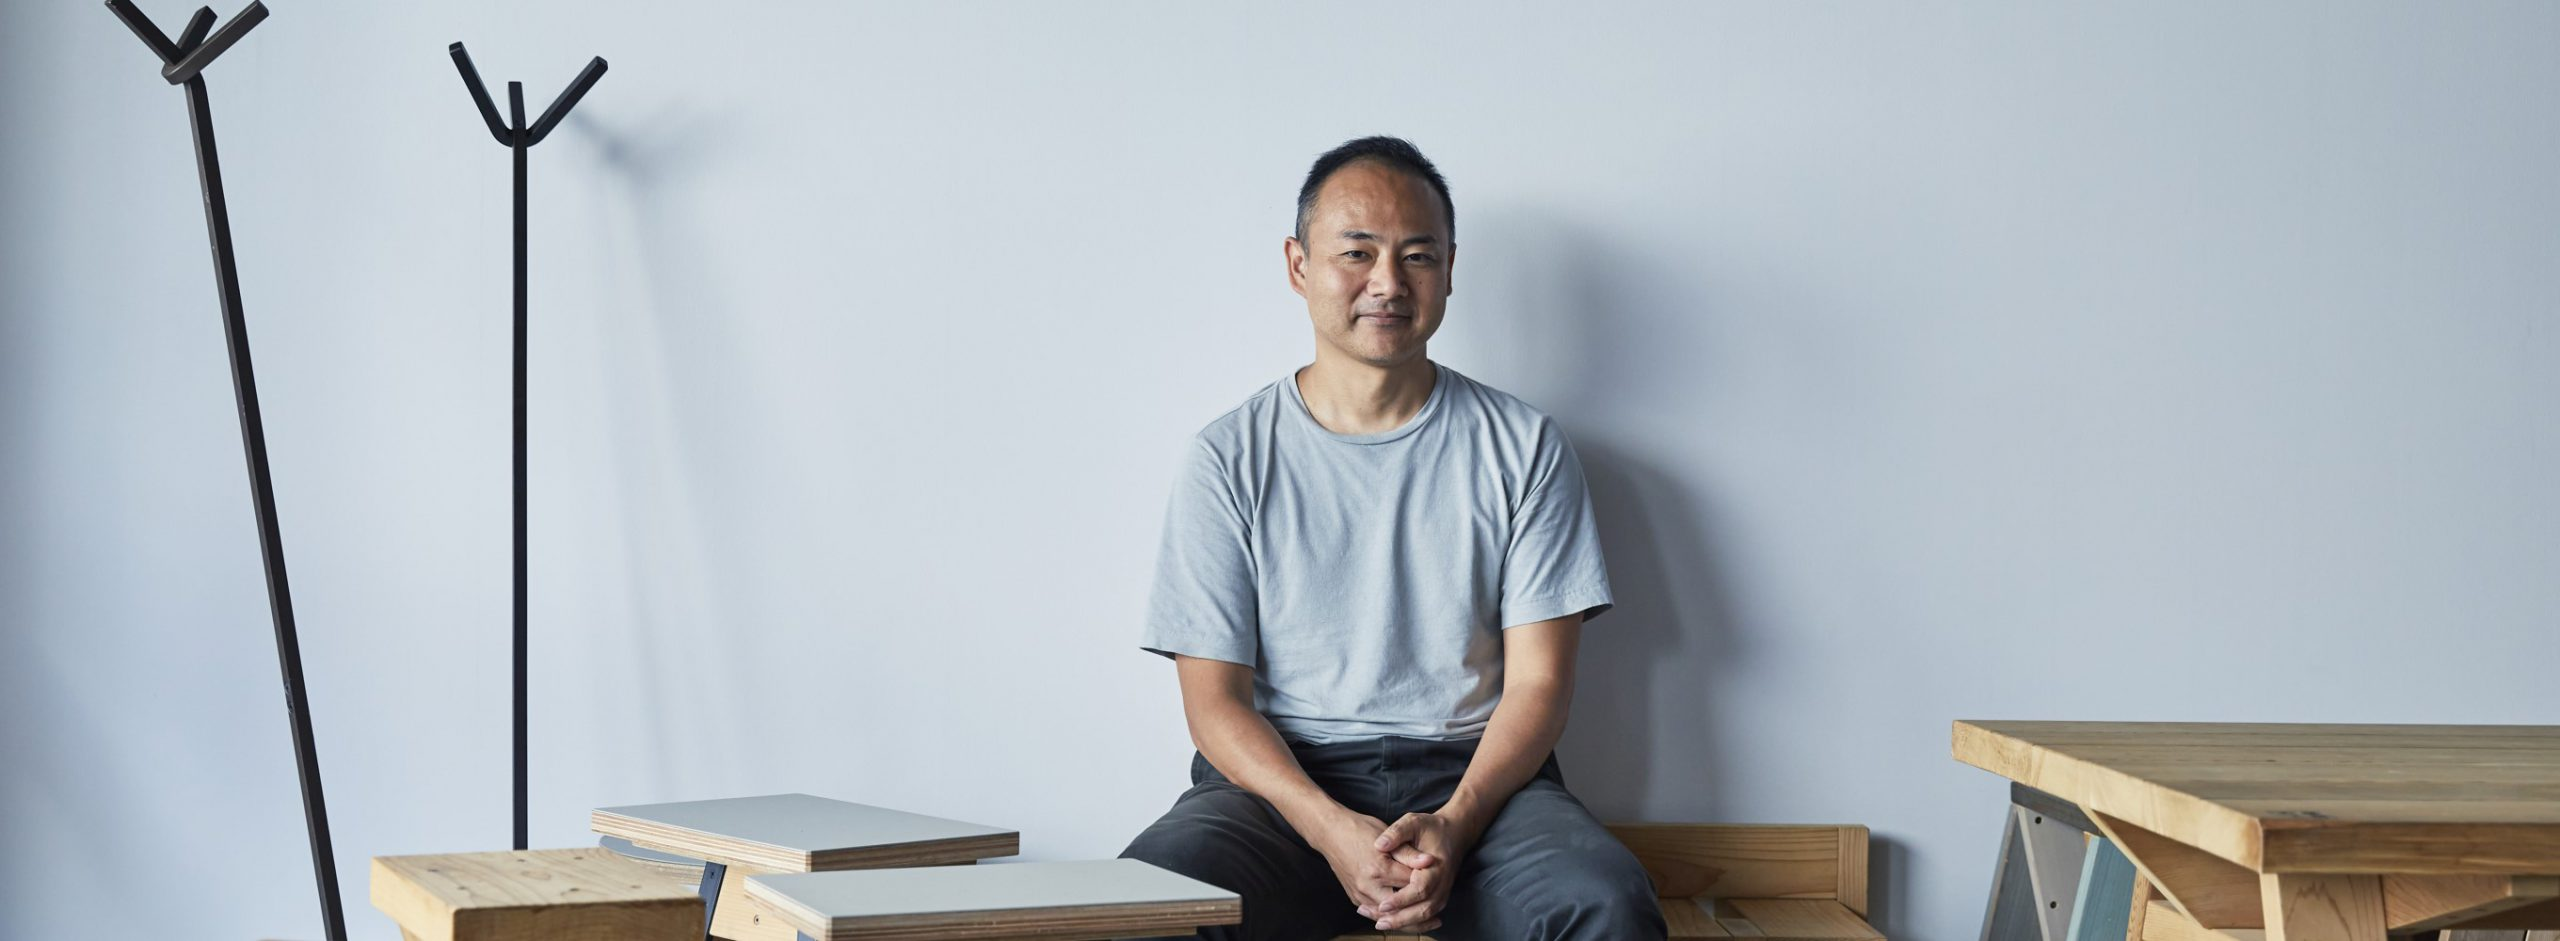 ウッドヴィル麻布 新コンセプトルーム インタビュー<br>第1回 建築家・芦沢啓治氏